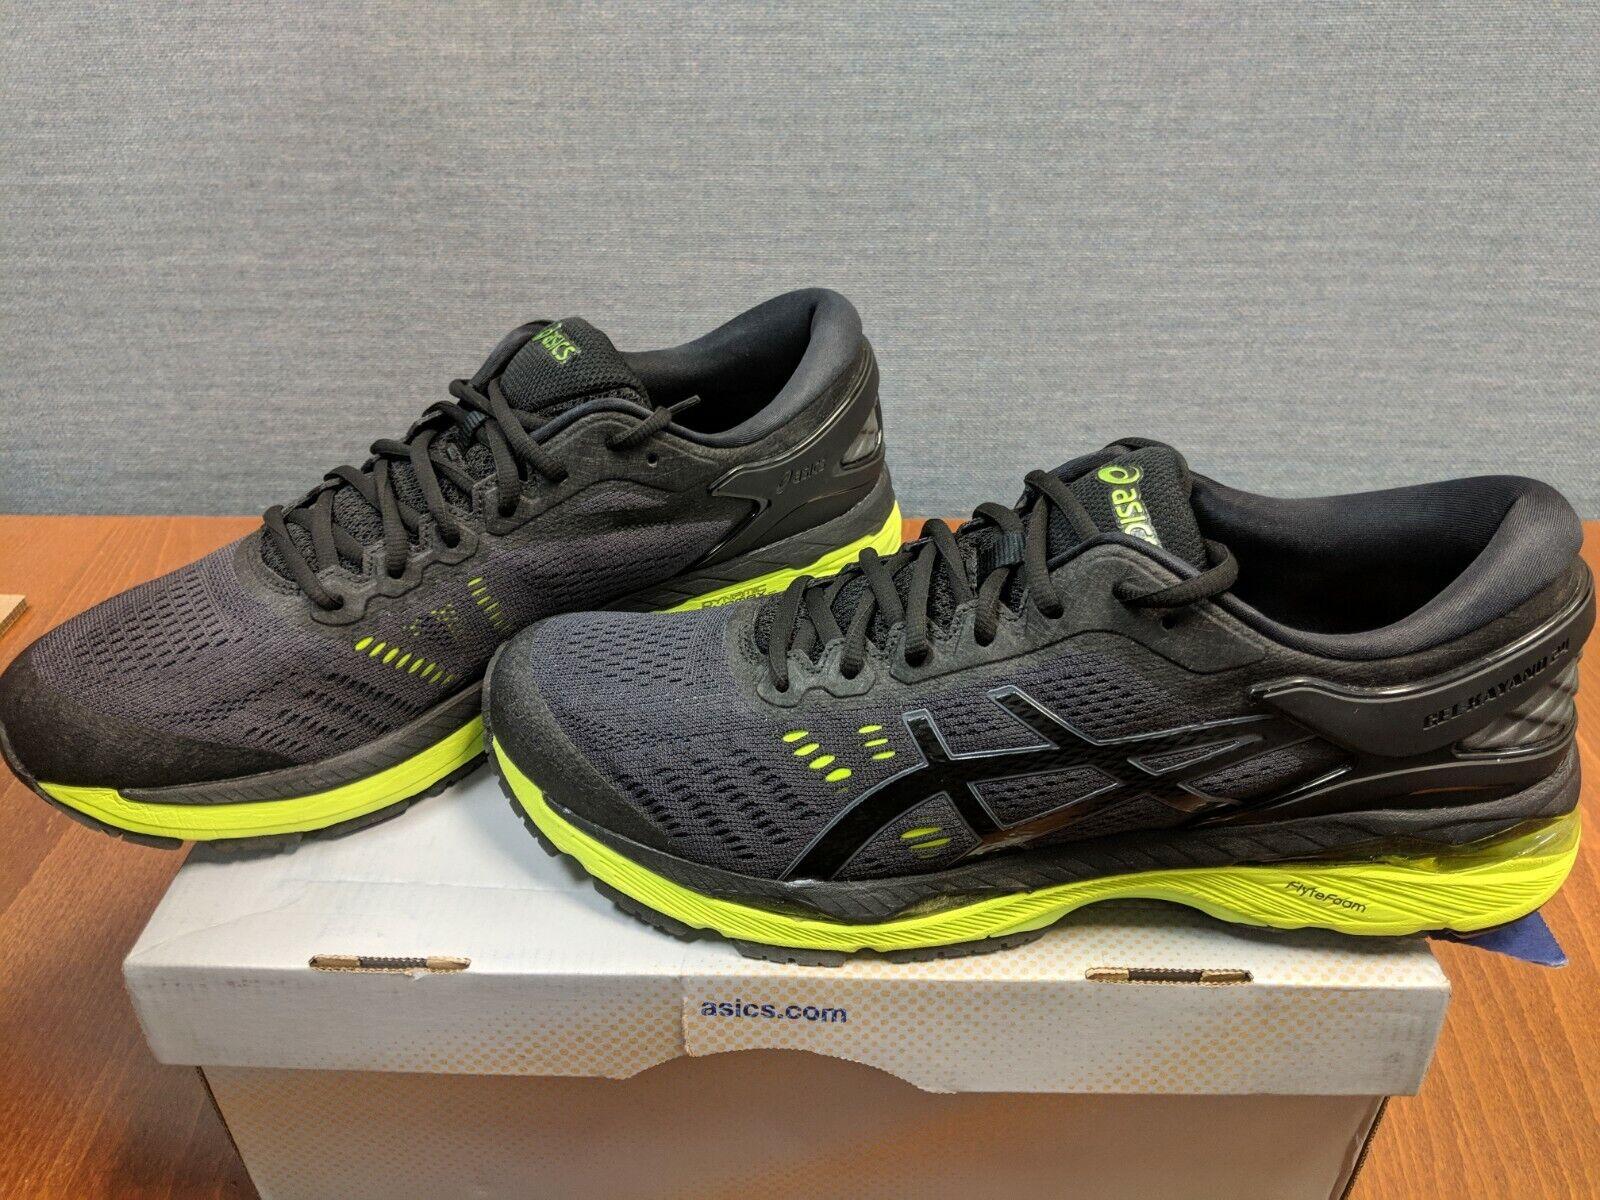 ASICS Gel-Kayano 24 shoes - Men's Running SKU T749N.9085 Size 12